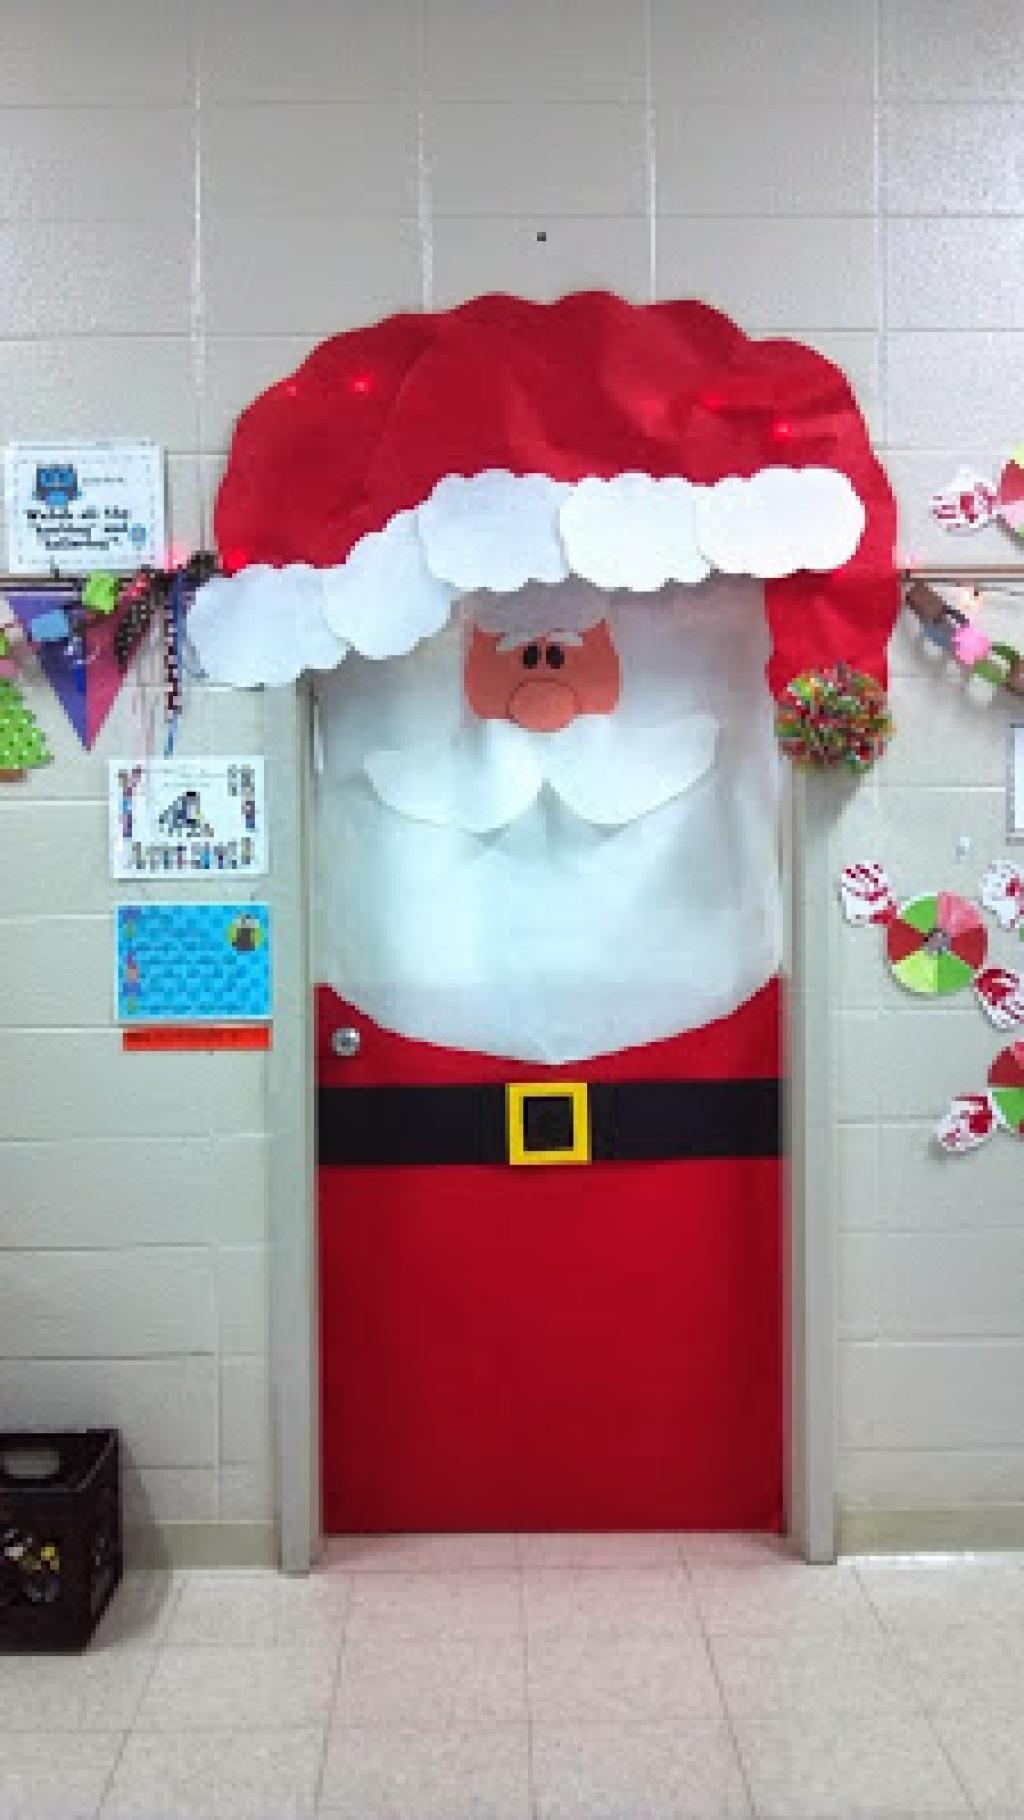 ajoutez de la couleur aux corridors de l ecole decorez les portes des classes et du local de service de garde avec les enfants avec de gros cartons